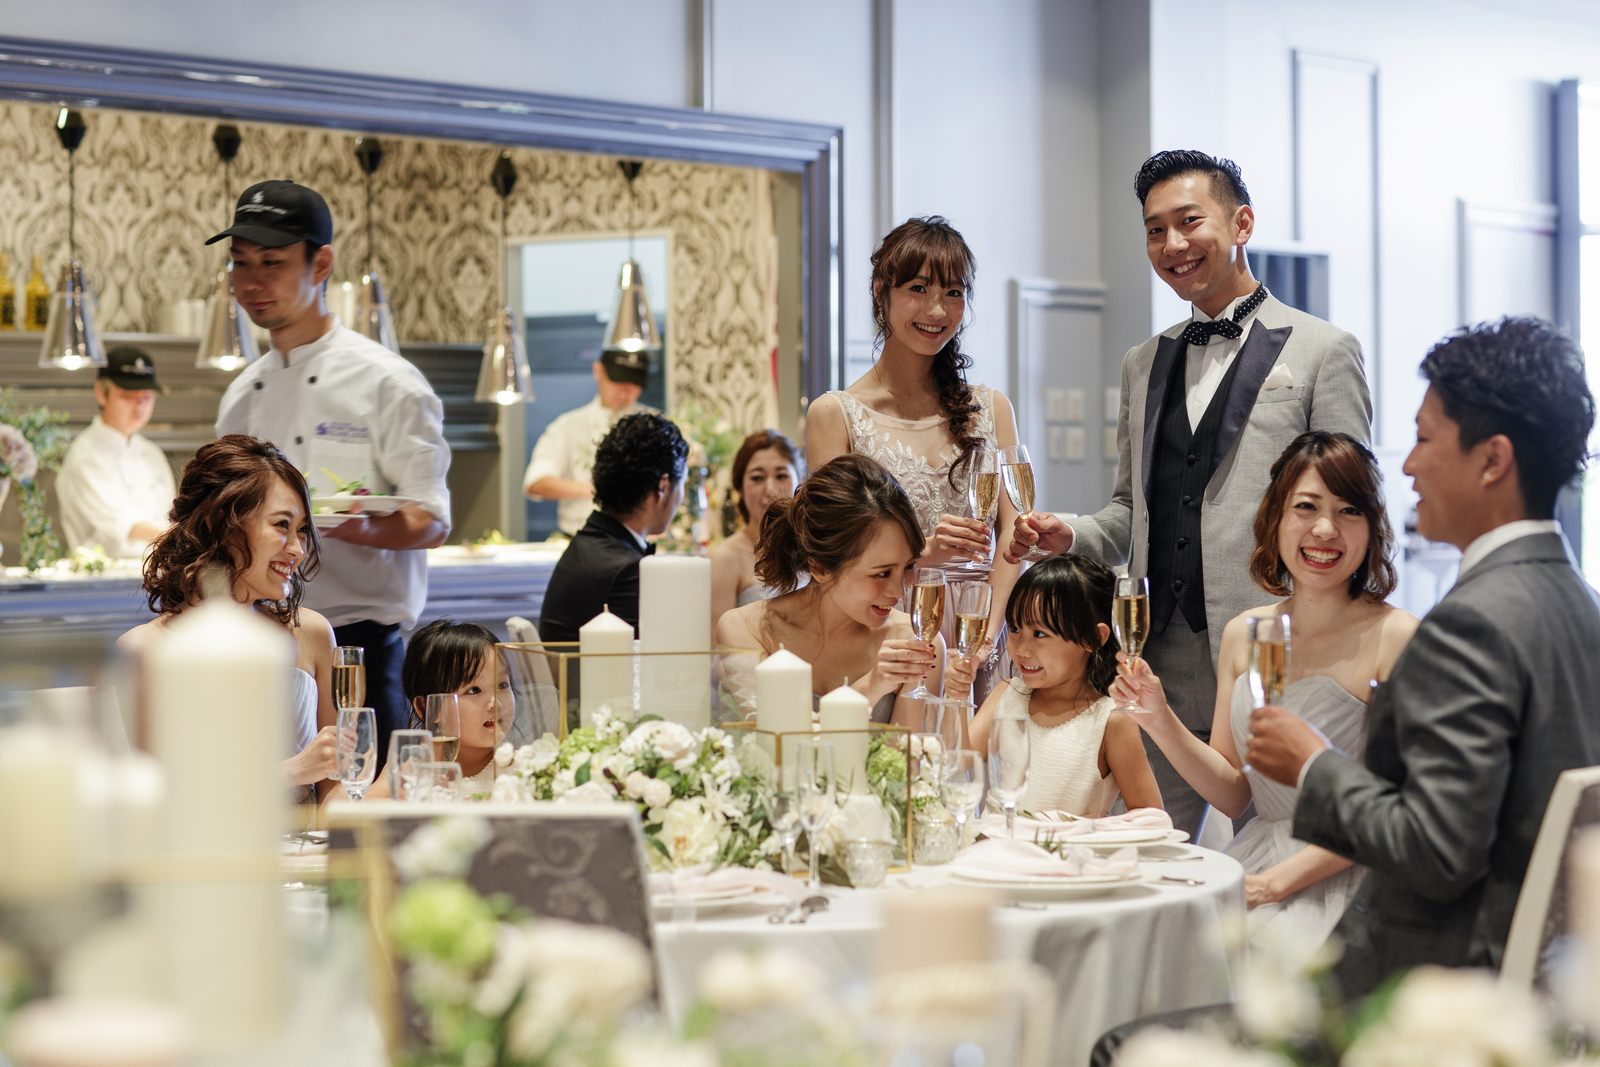 徳島県の結婚式場ブランアンジュのファミリーフォト